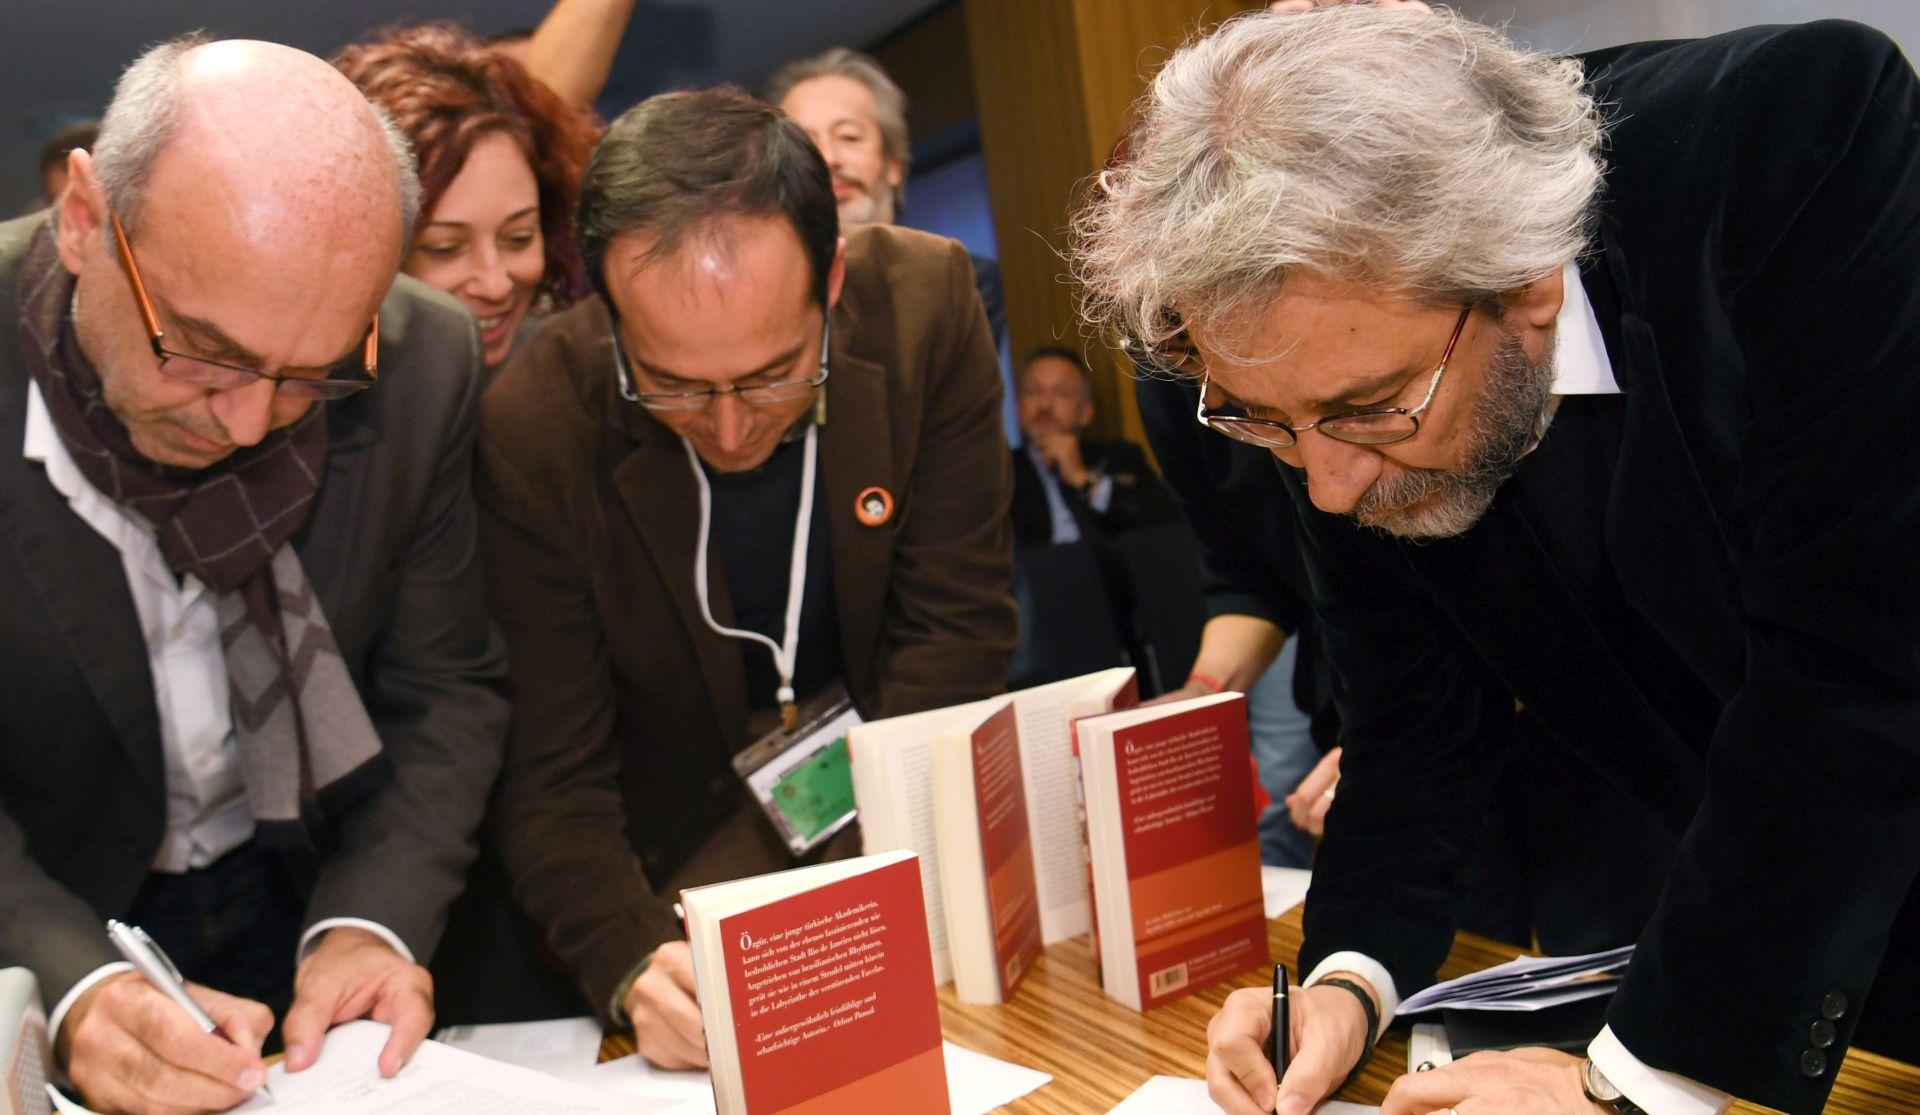 Sud oslobodio književnicu Asli Erdogan